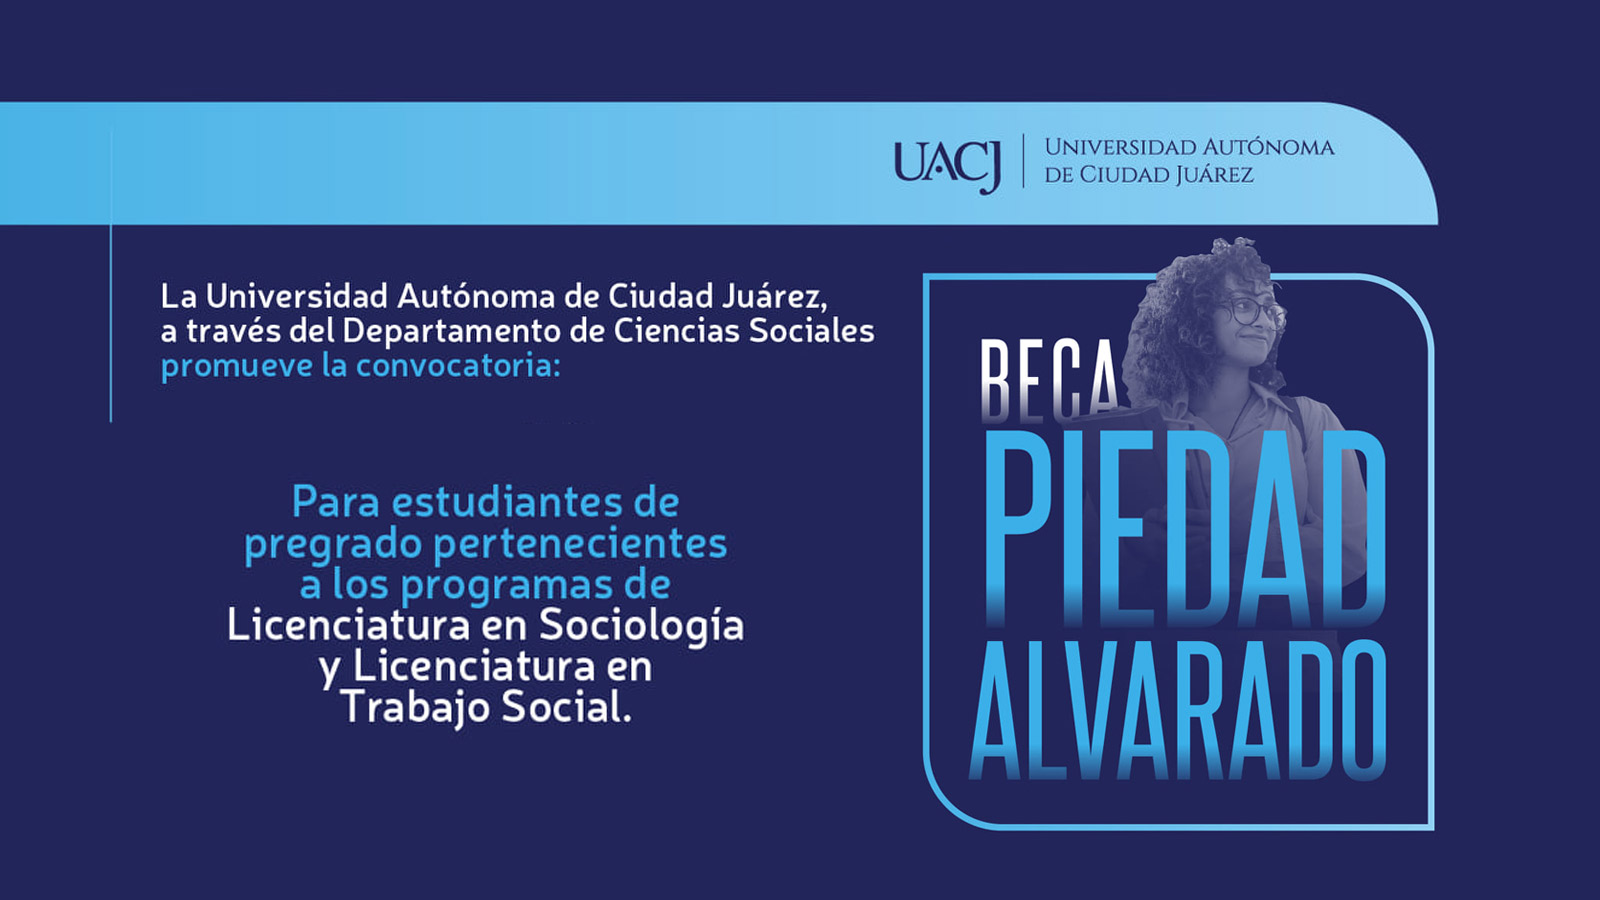 La UACJ convoca a estudiantes de Trabajo Social y Sociología a participar en la Beca Piedad Alvarado